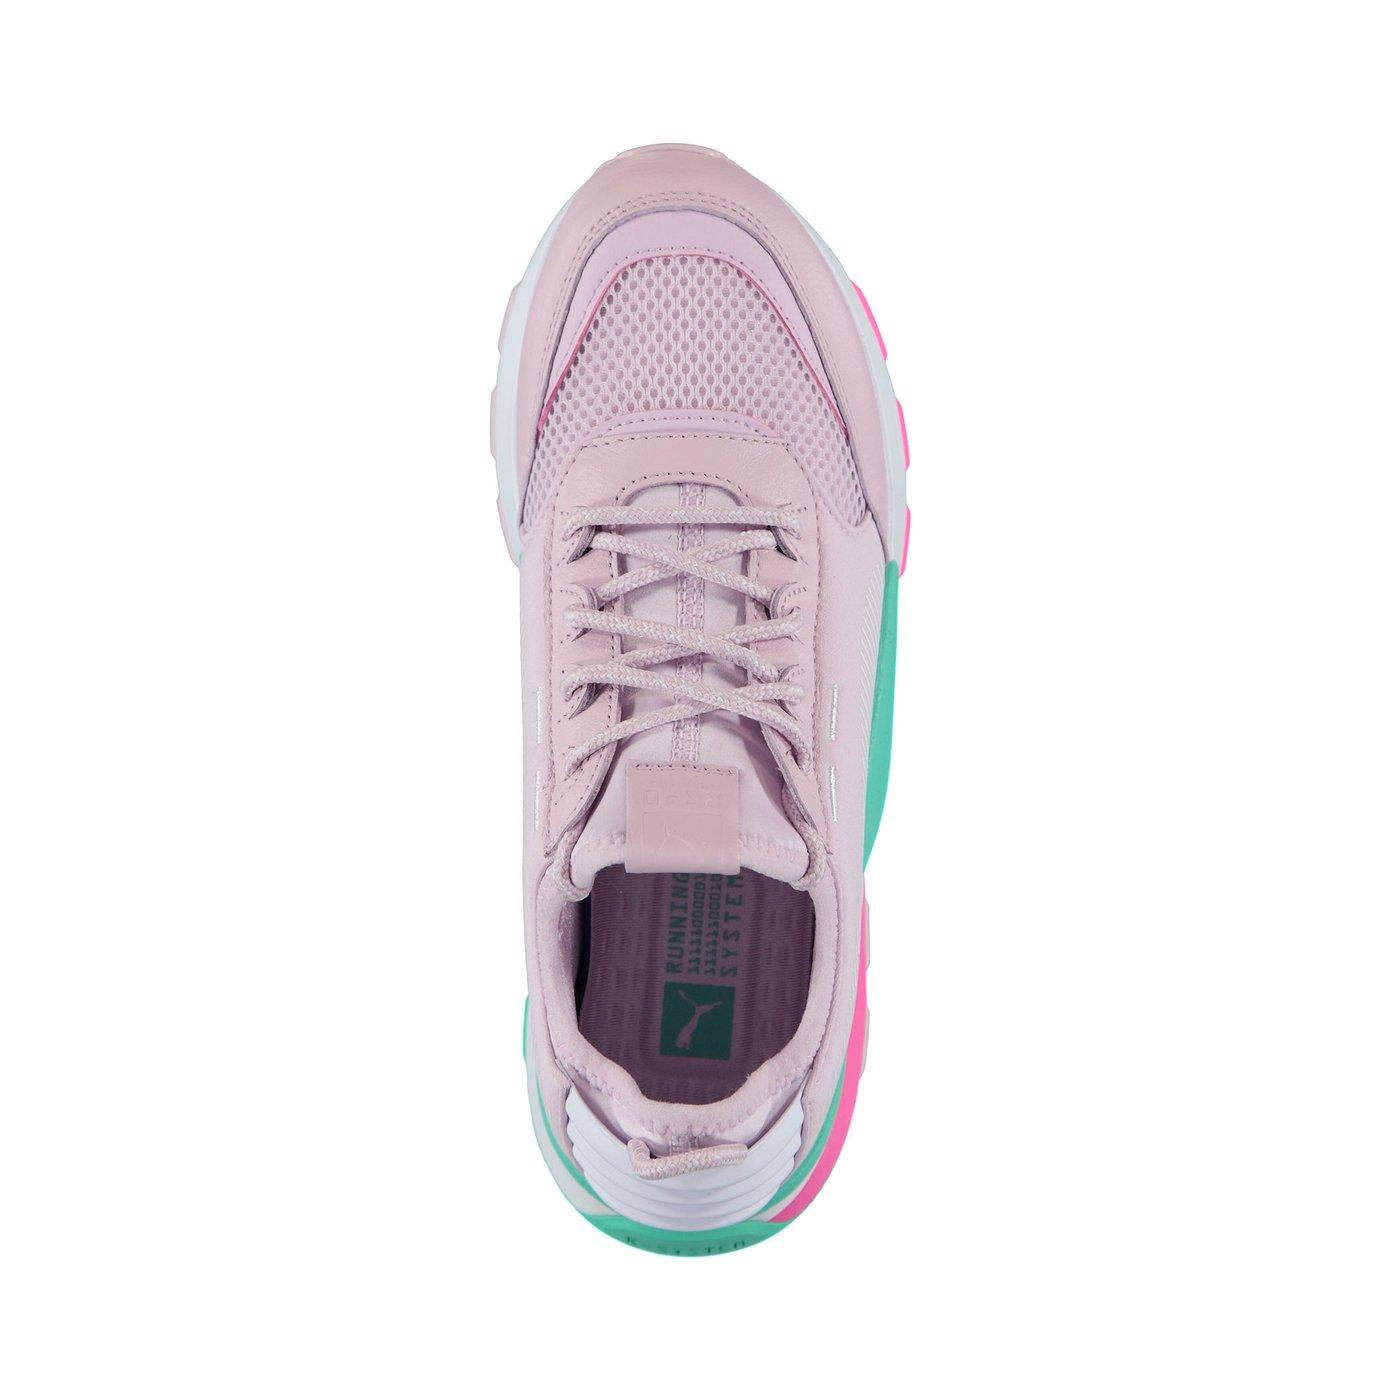 Puma Evolution RS-O Play Kadın Pembe Spor Ayakkabı